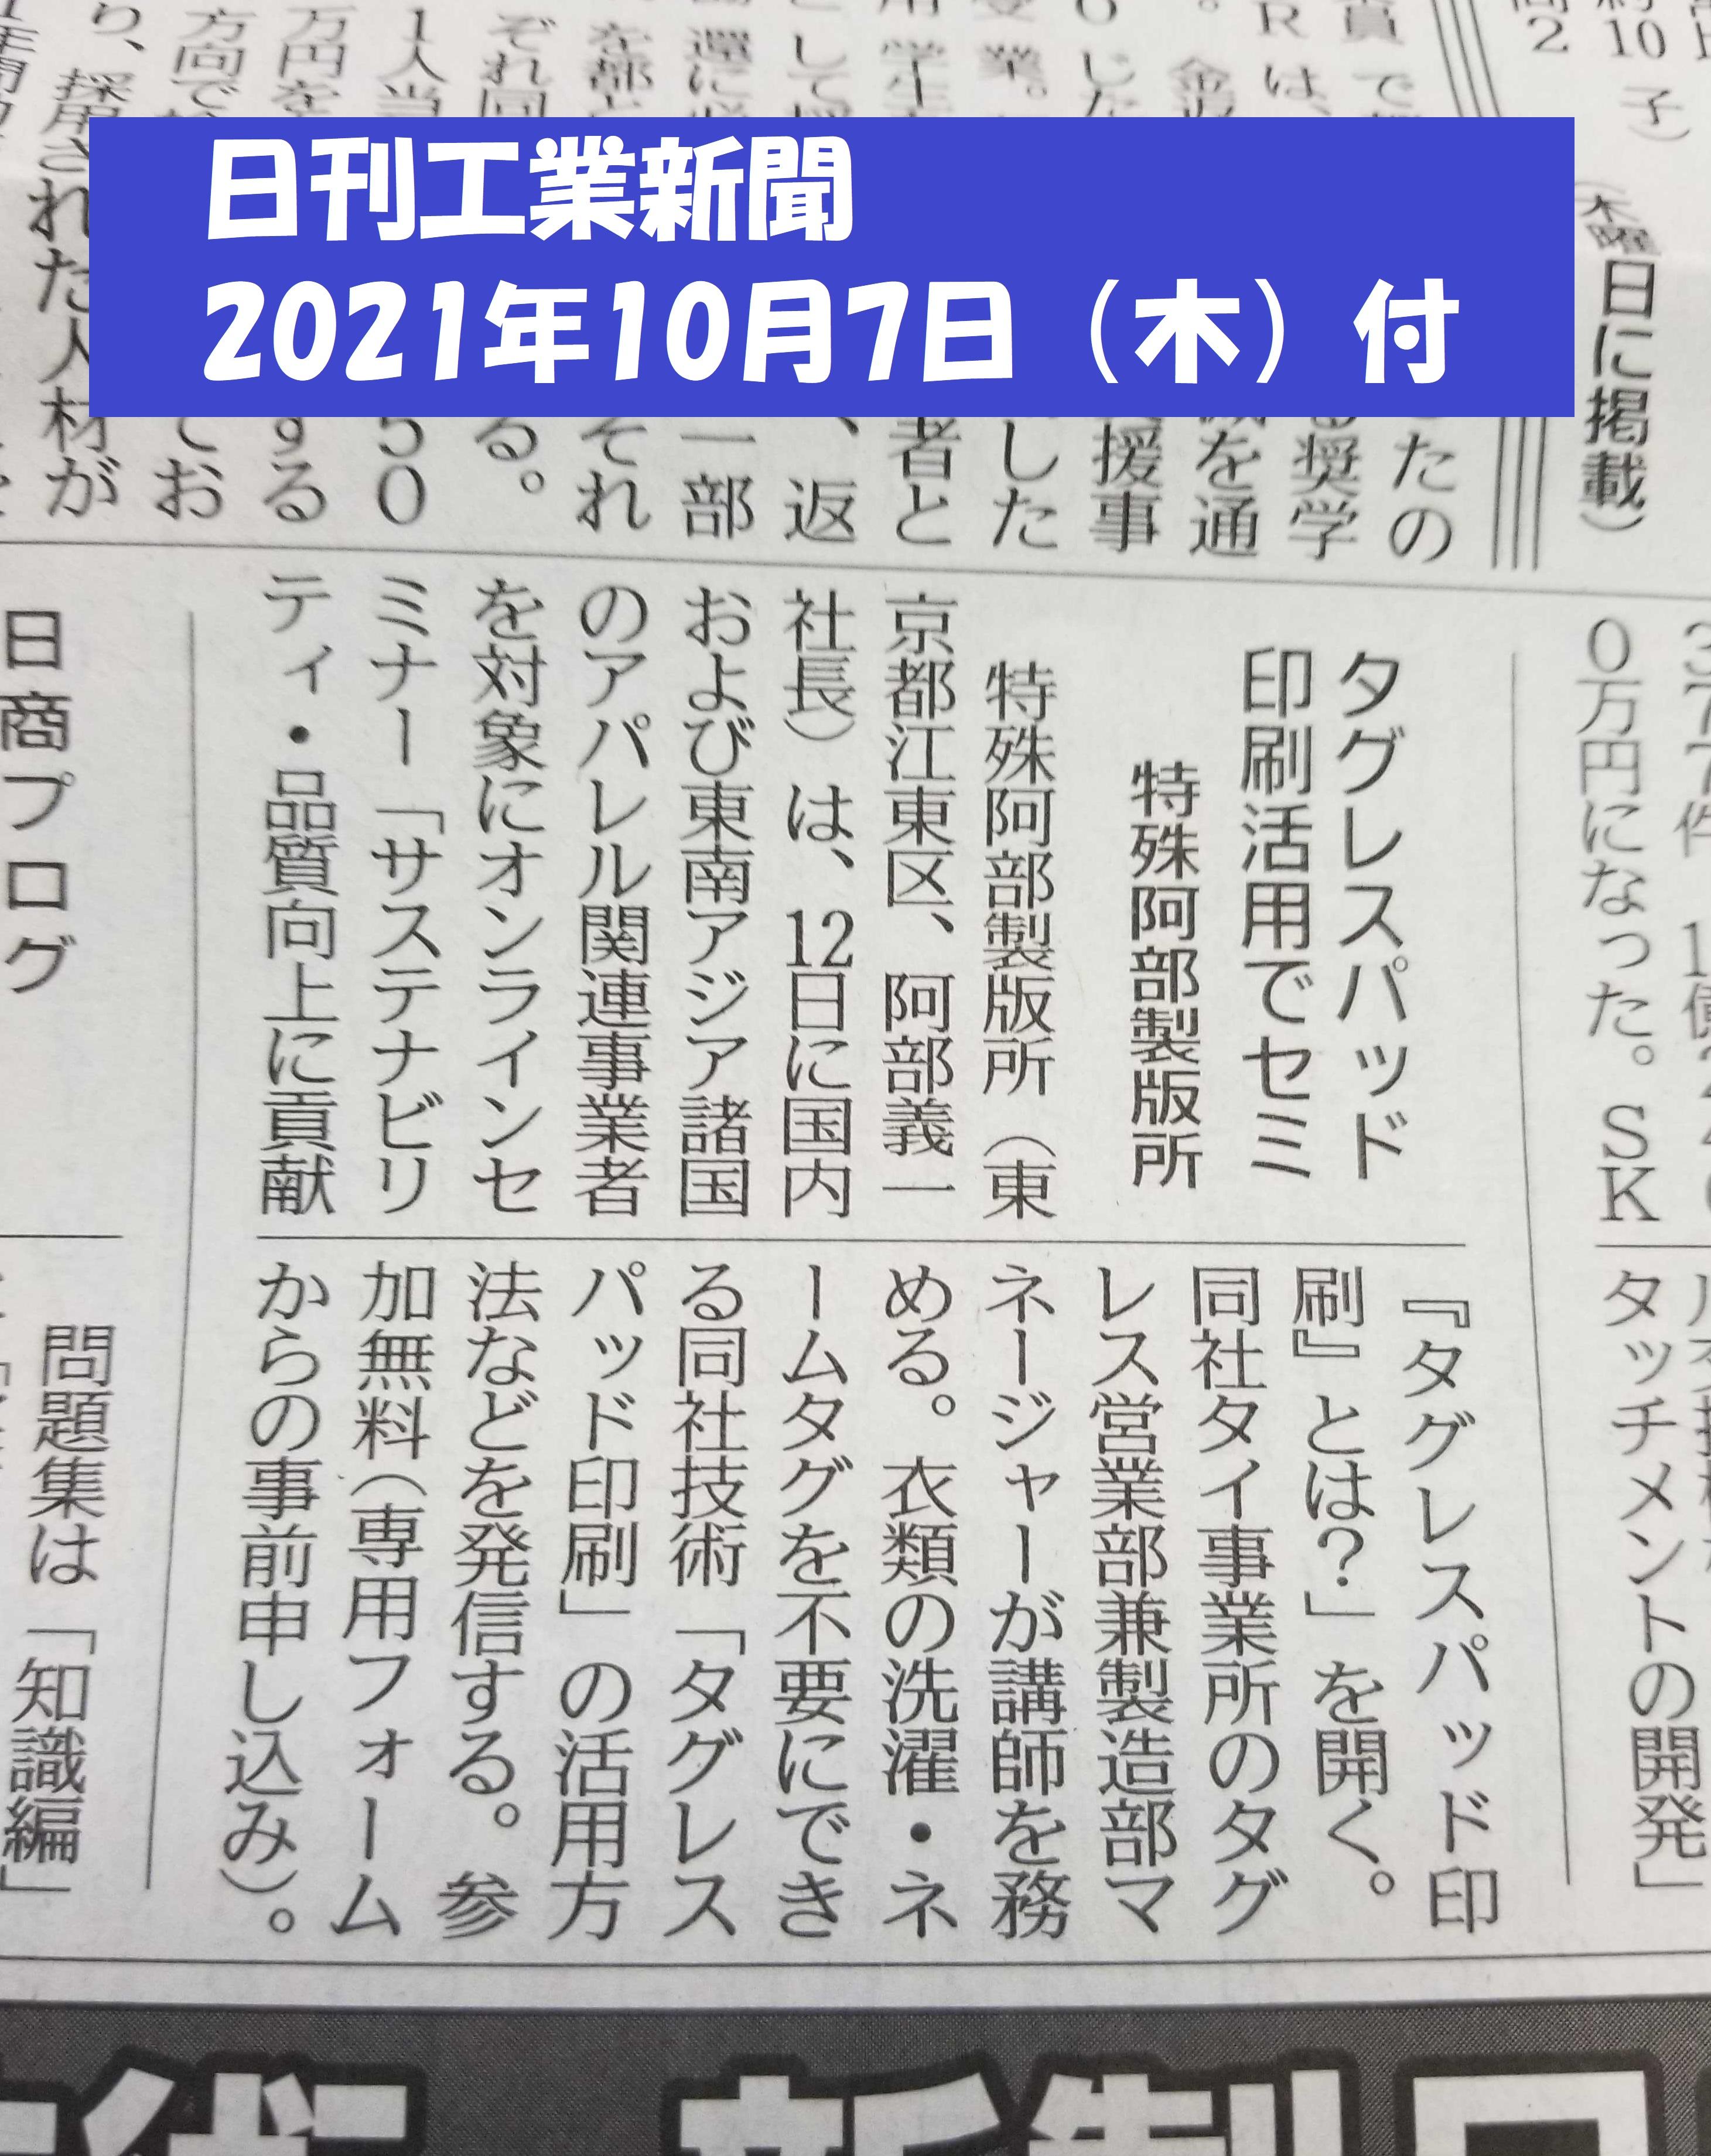 21.10.07_日刊工業新聞記事.jpg